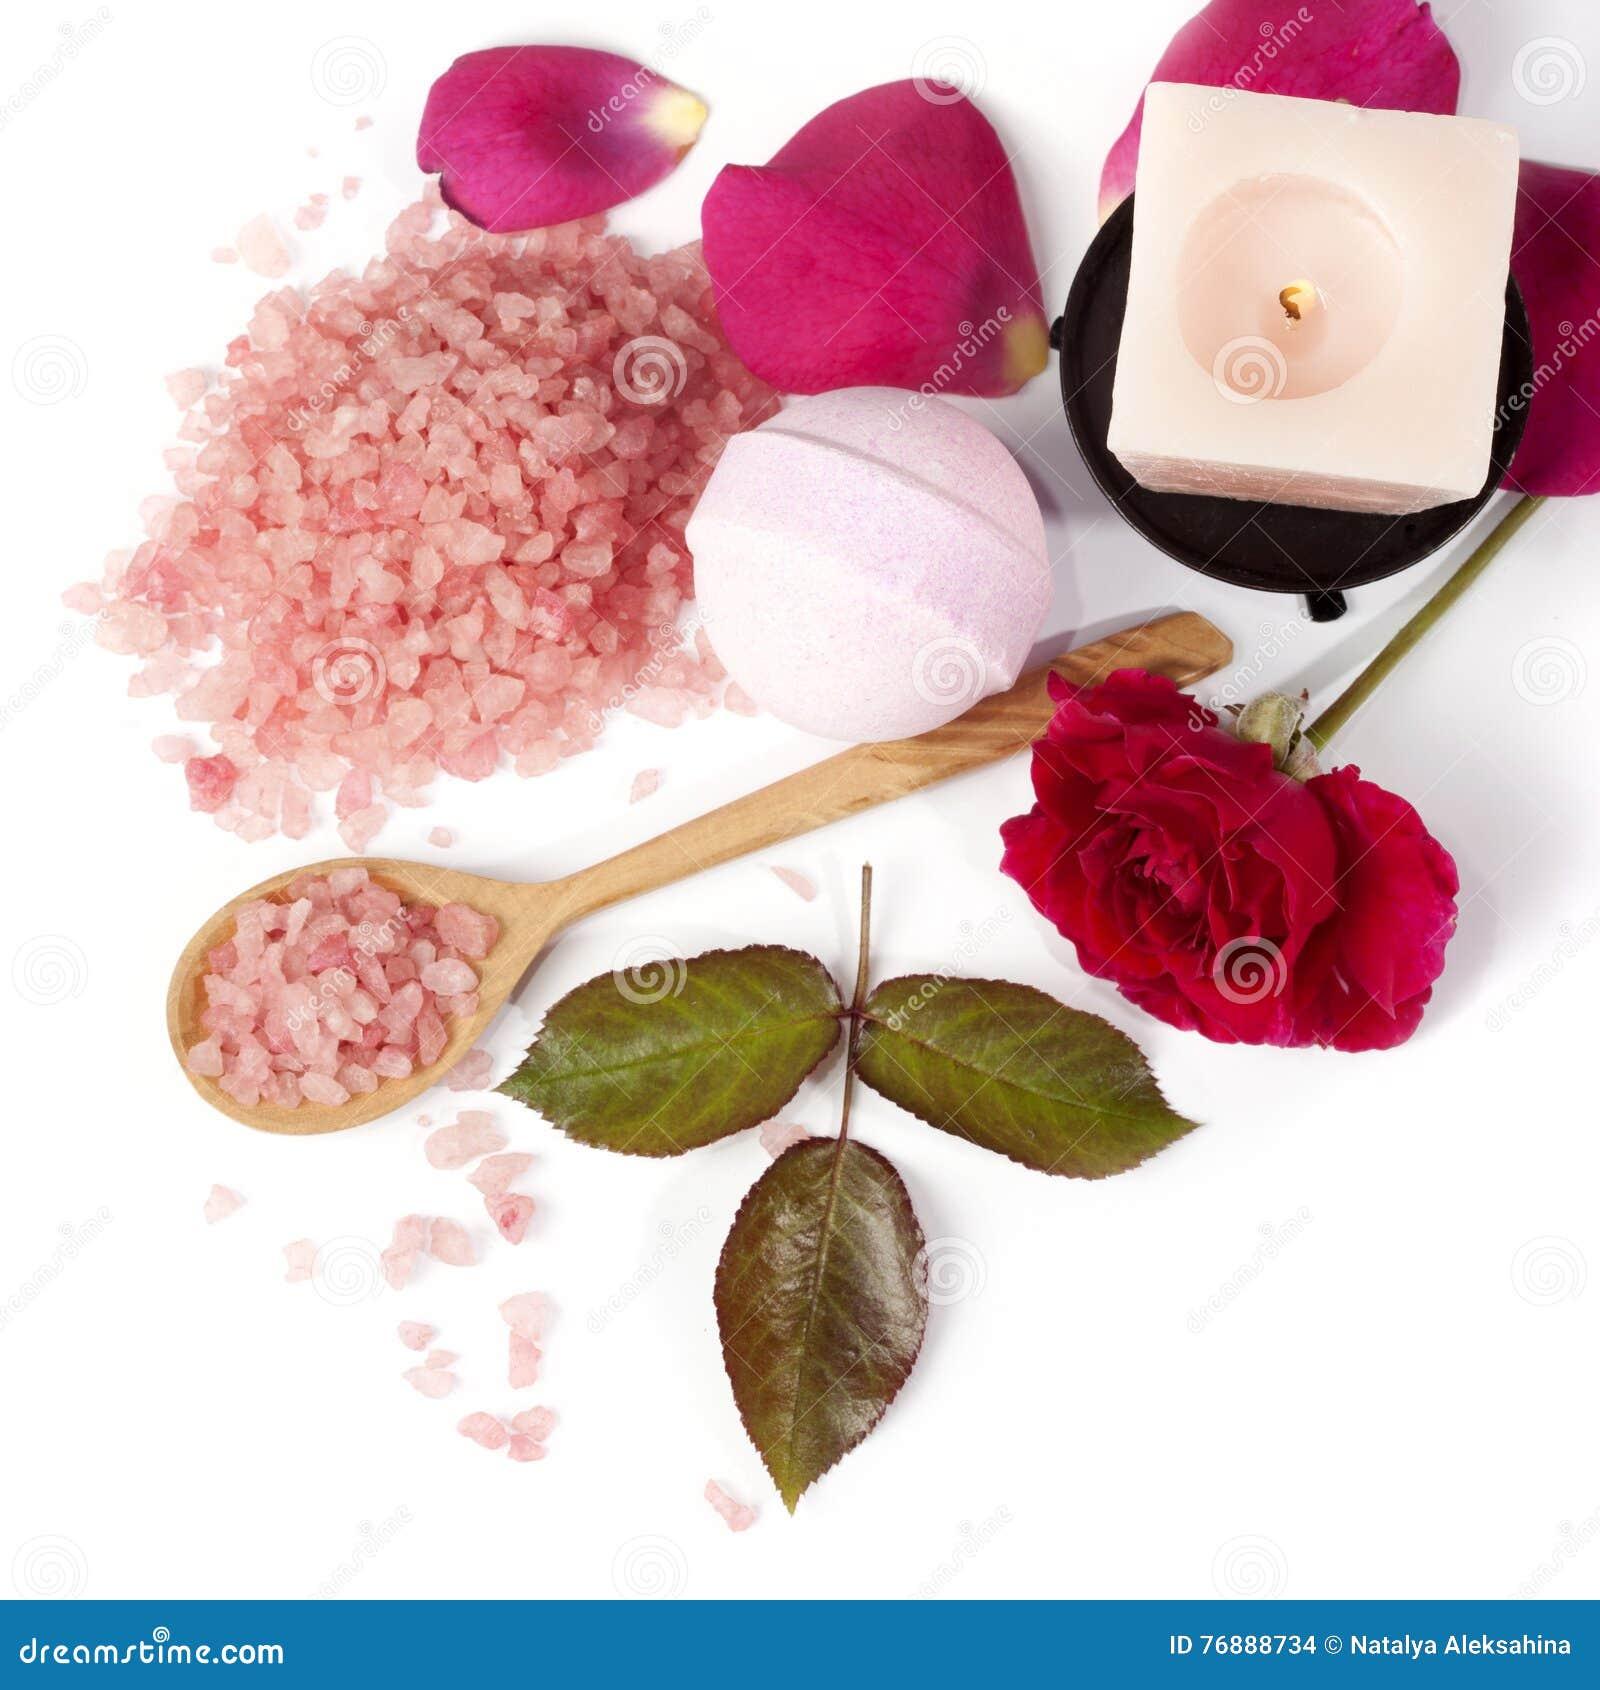 Rosa di rosa con sale da bagno e la candela fotografia - Bagno con sale grosso ...